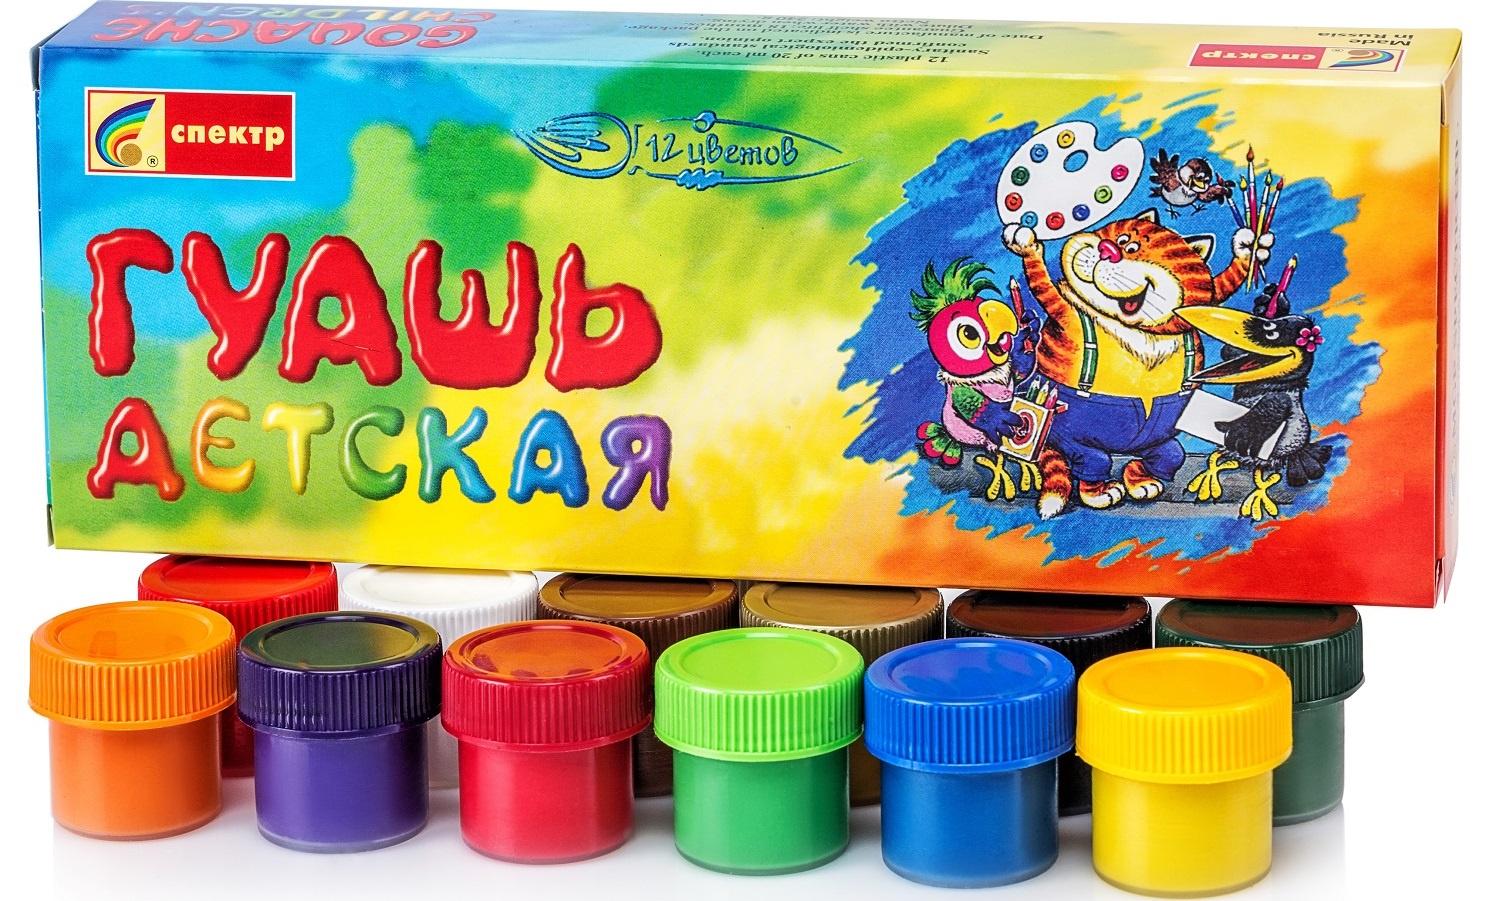 """Гуашь Спектр """"Детская"""" набор 12 цветов, белый, черный, фиолетовый, салатовый, оранжевый, красный, коричневый, зеленый, желтый, горчичный, голубой, бордовый"""